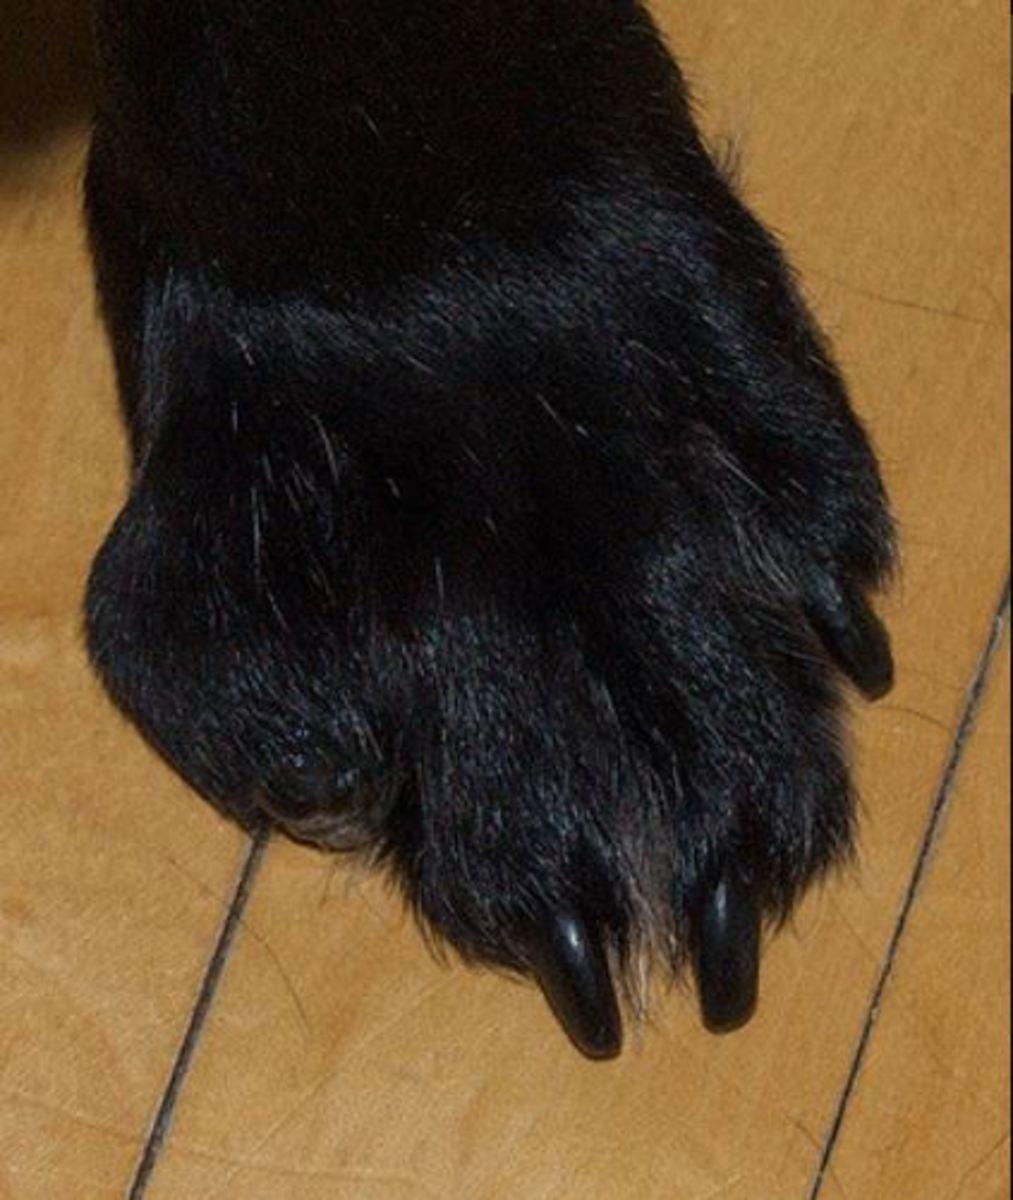 malignant melanoma dog foot